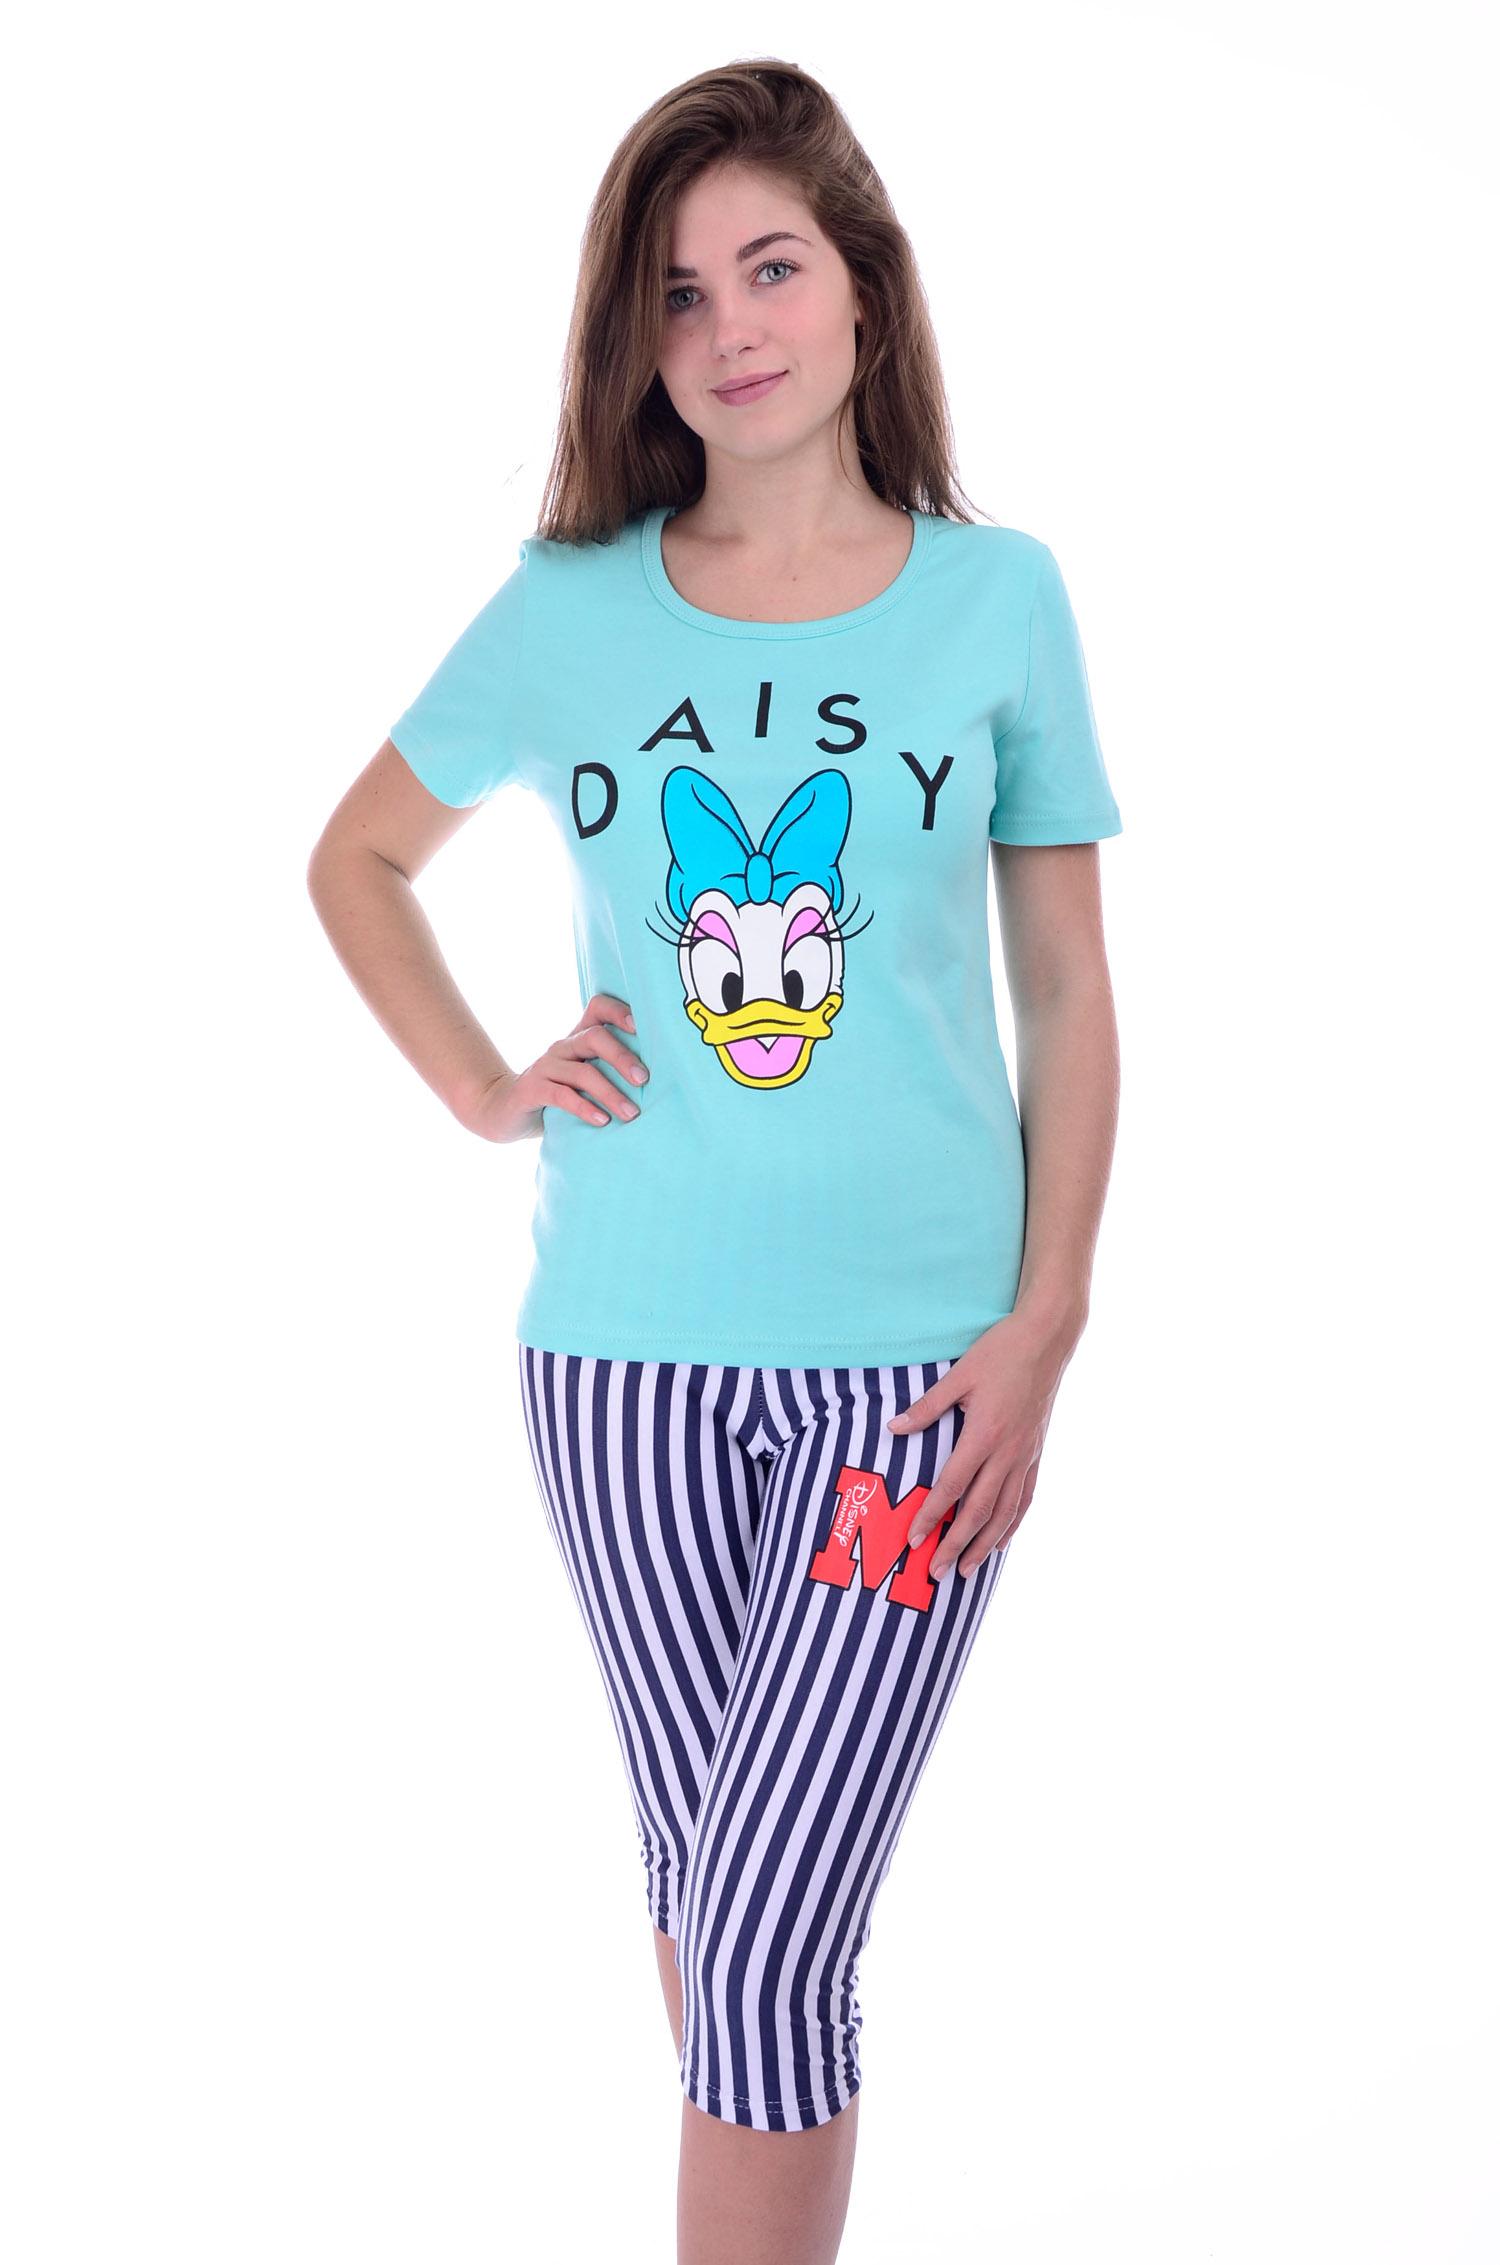 Пижама женская Даша  футболка и бриджиДомашняя одежда<br><br><br>Размер: 48